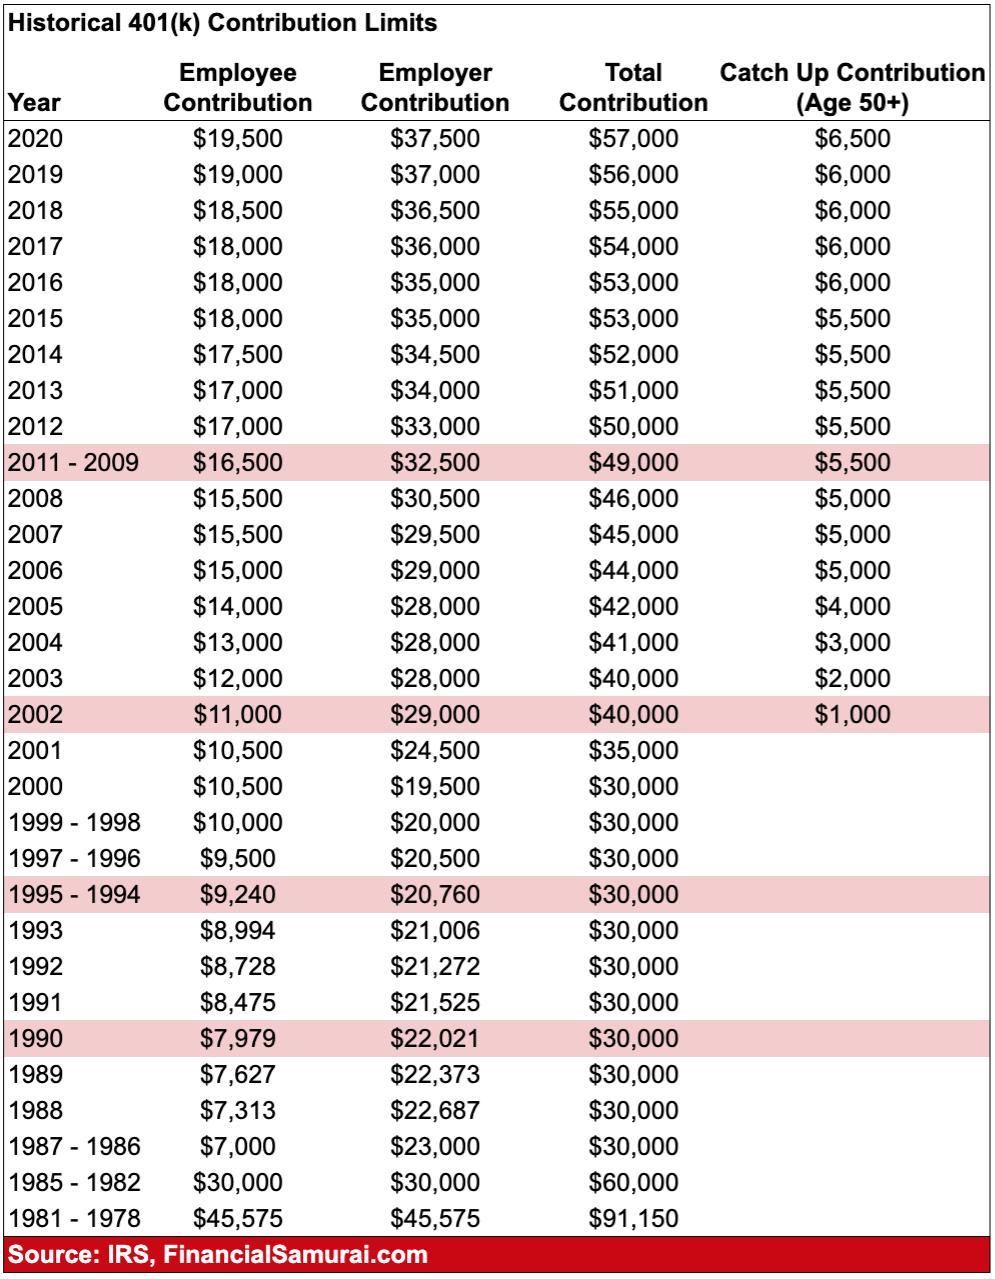 Limites historiques de cotisation 401 (k) jusqu'en 2020